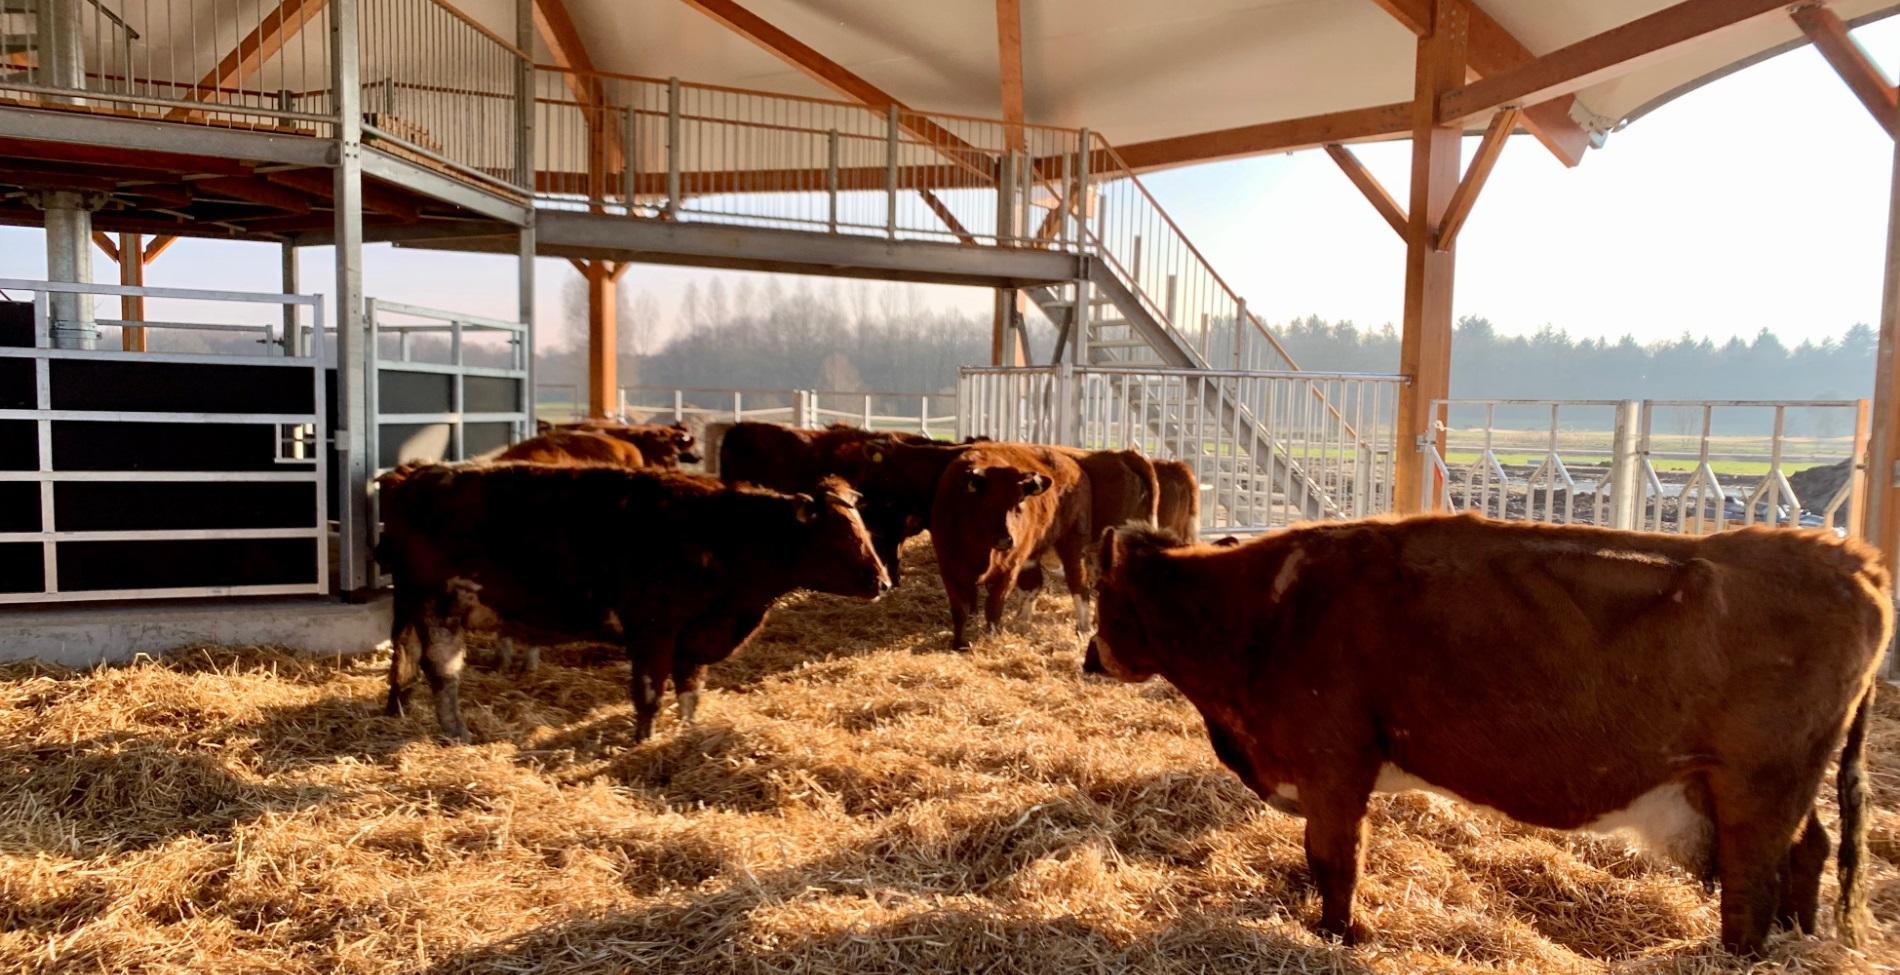 The roundhouse is een unieke shelter voor de kudde van Erve Vechtdal